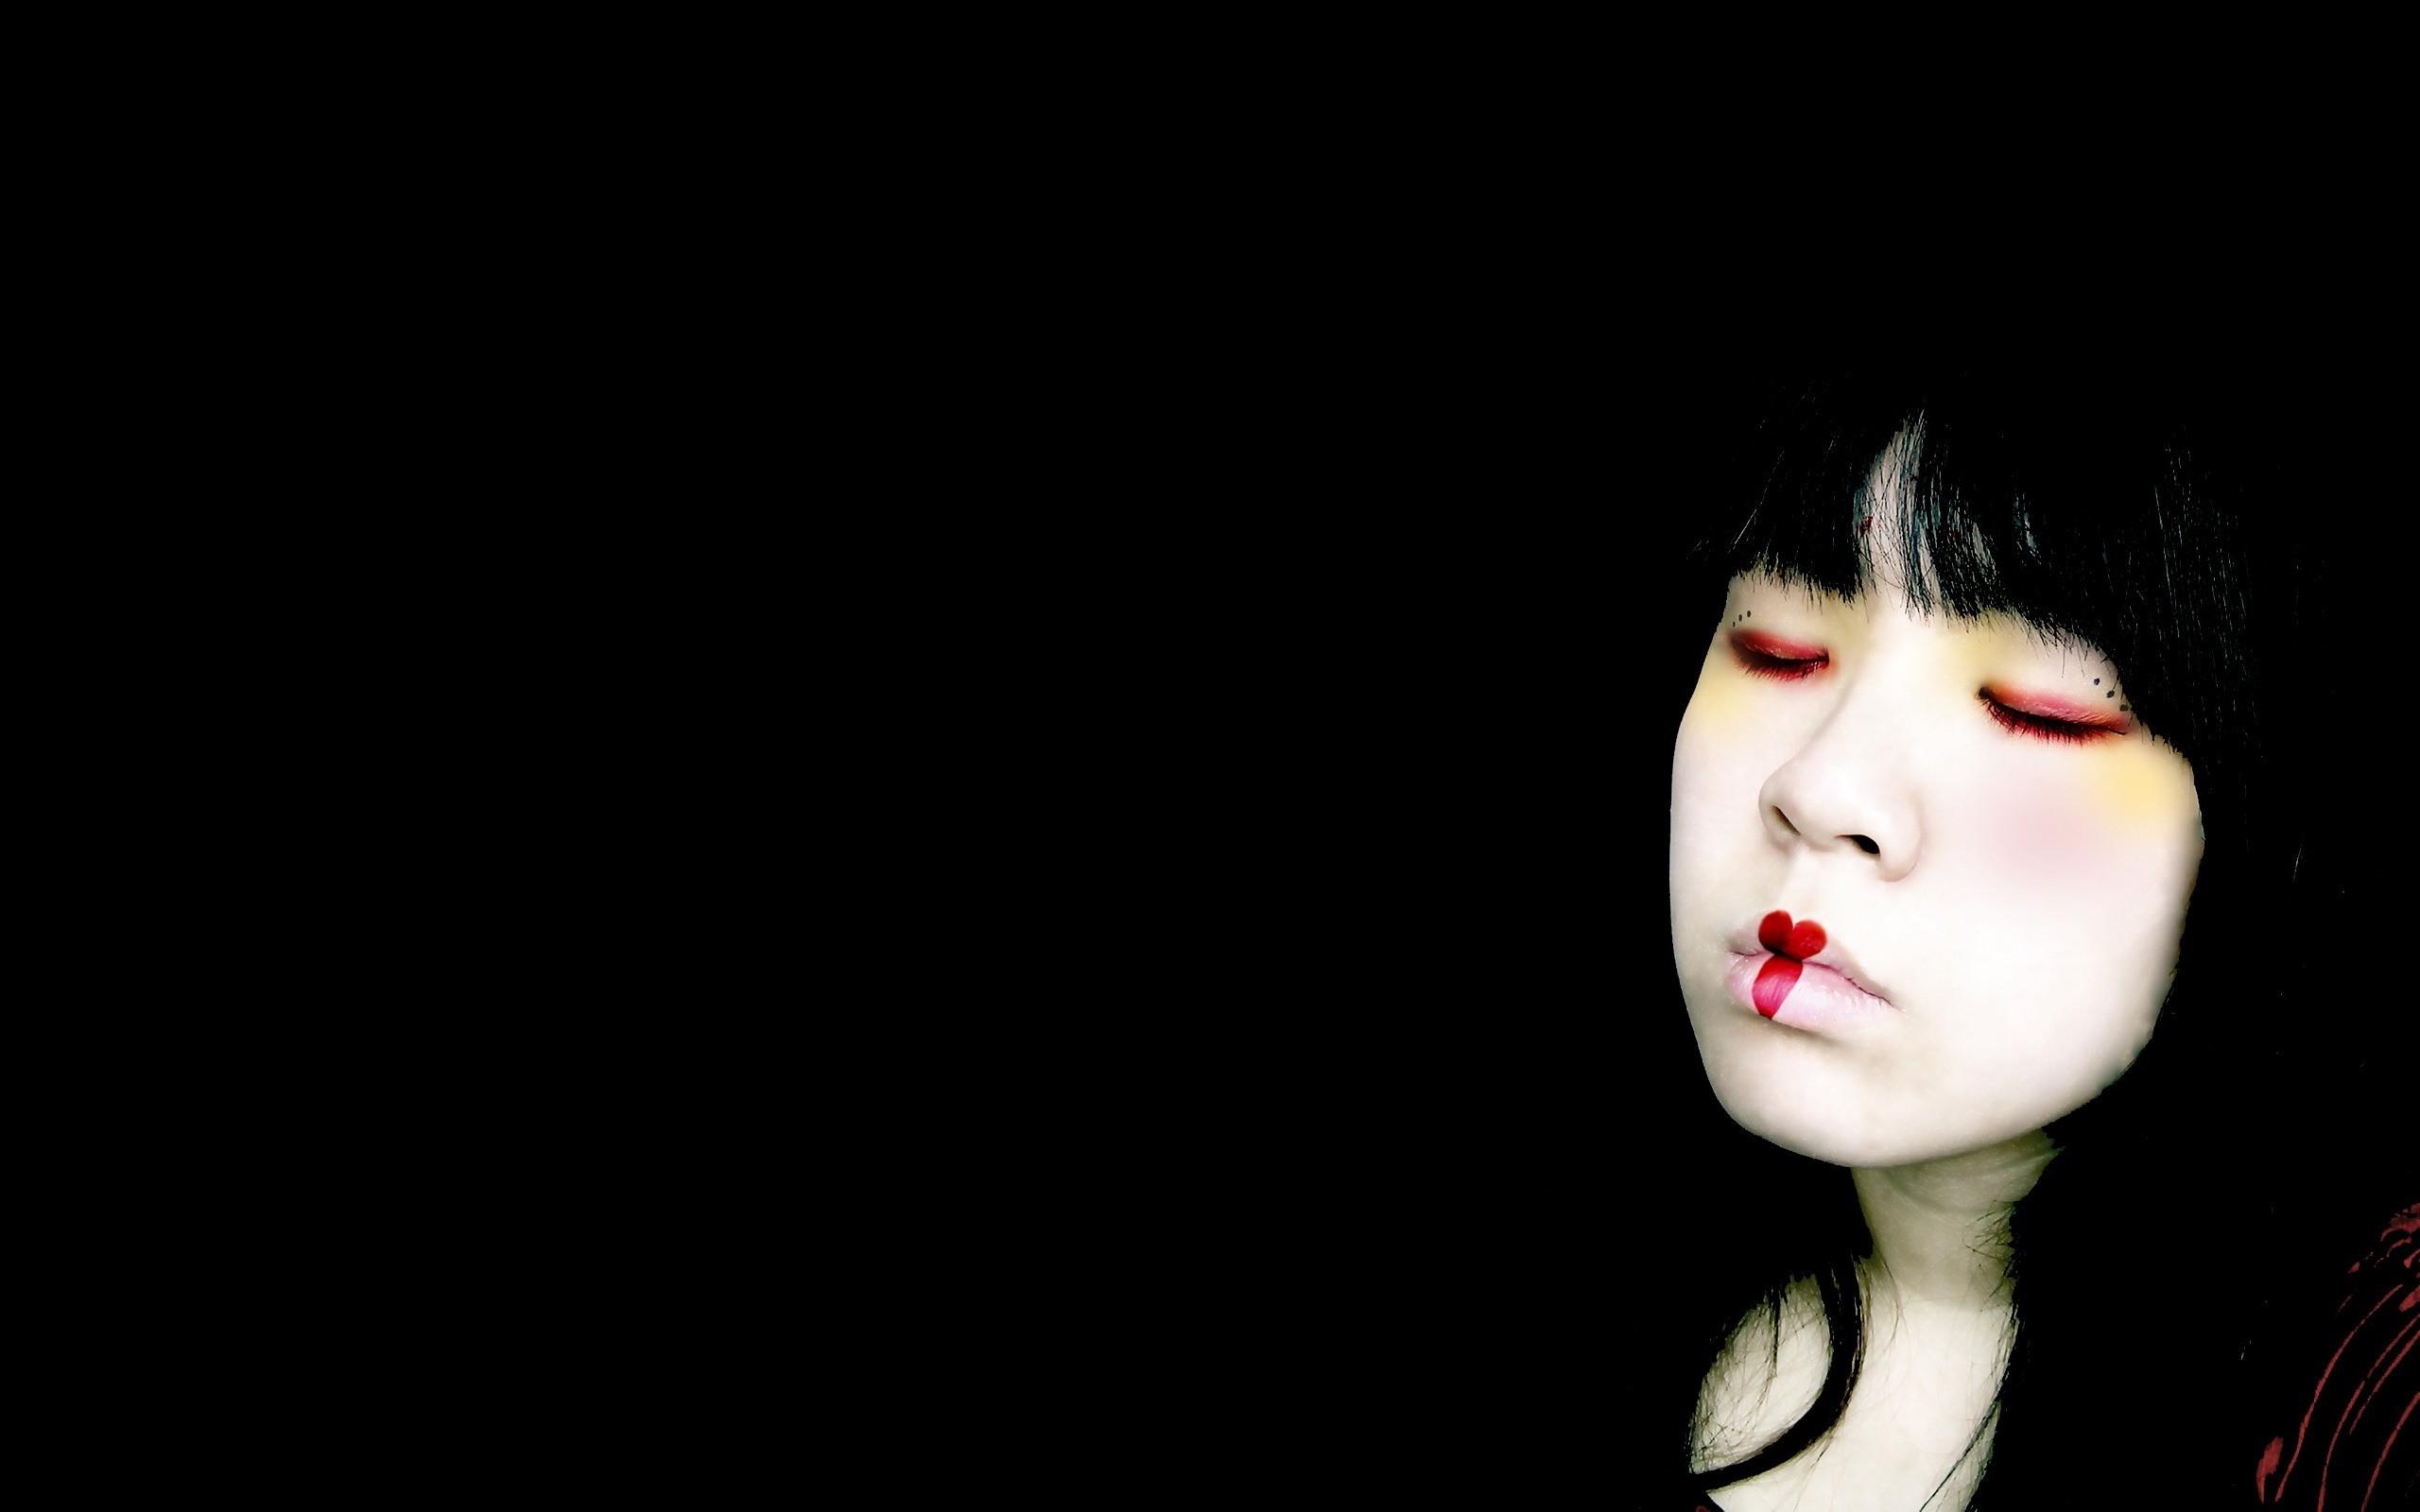 Una chica emo fondo negro - 2560x1600